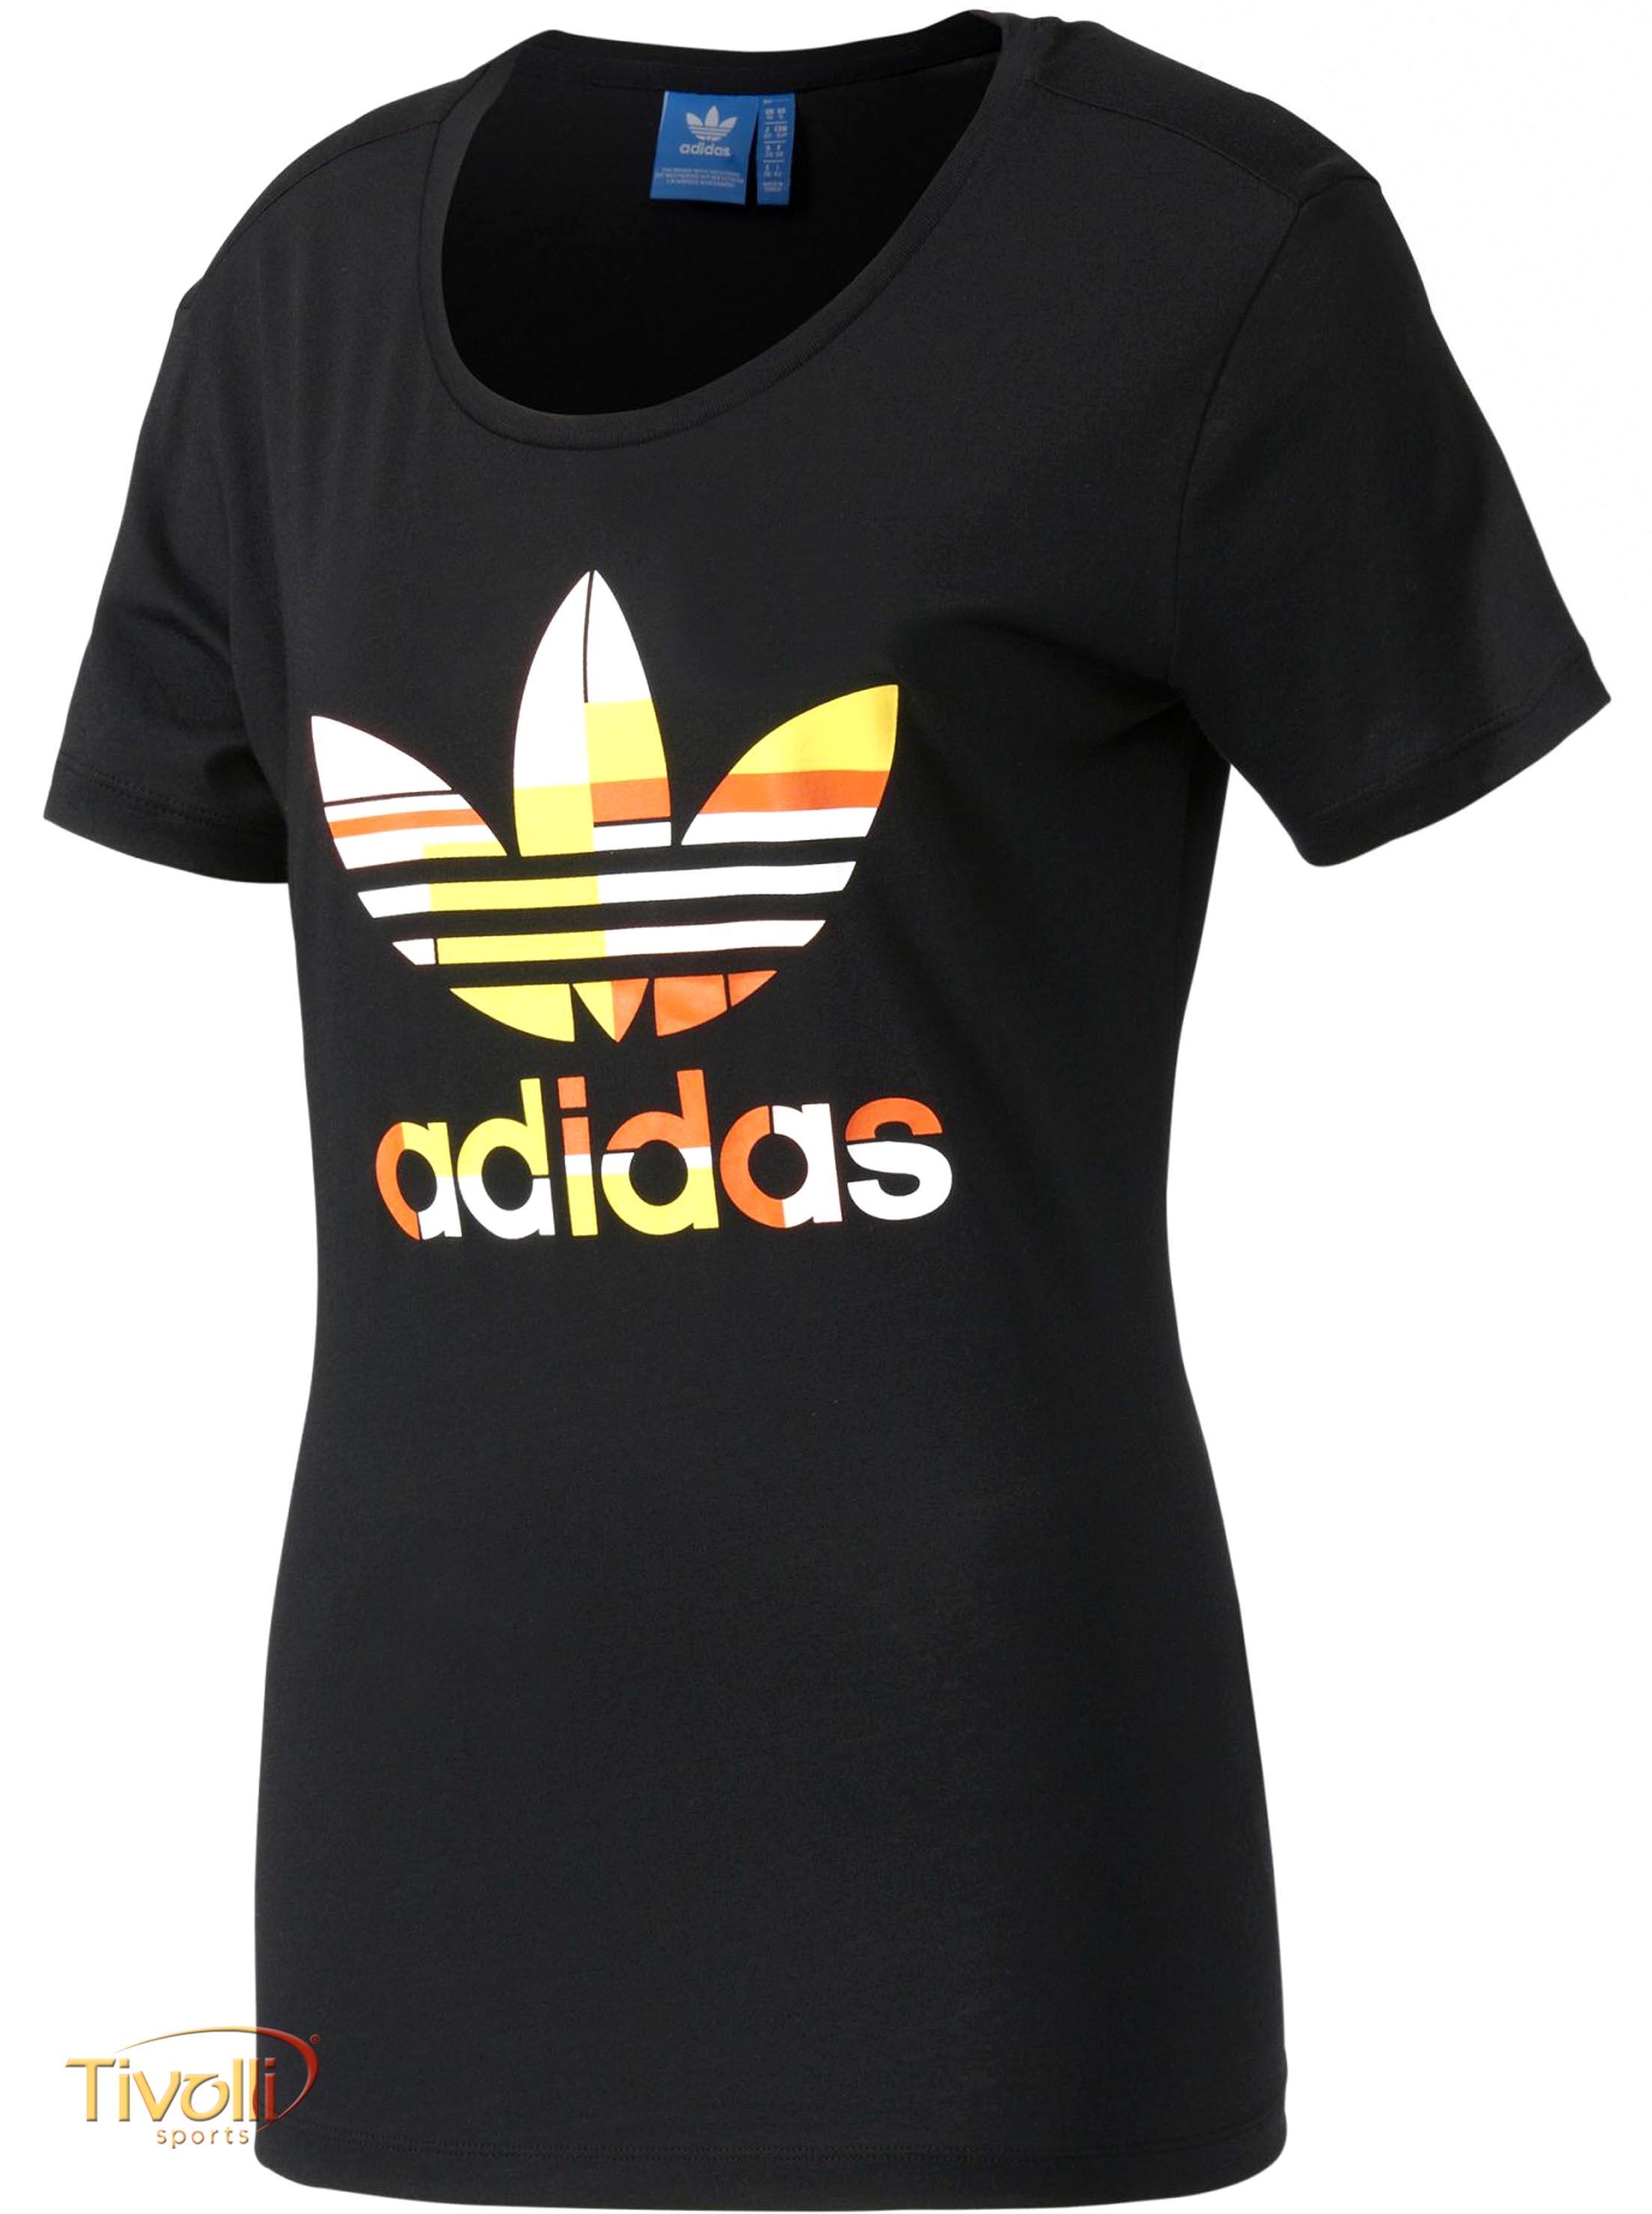 Raquete Mania   Camiseta Adidas Graphic Trefoil   Feminina Preta ... 5c0ab80161d54